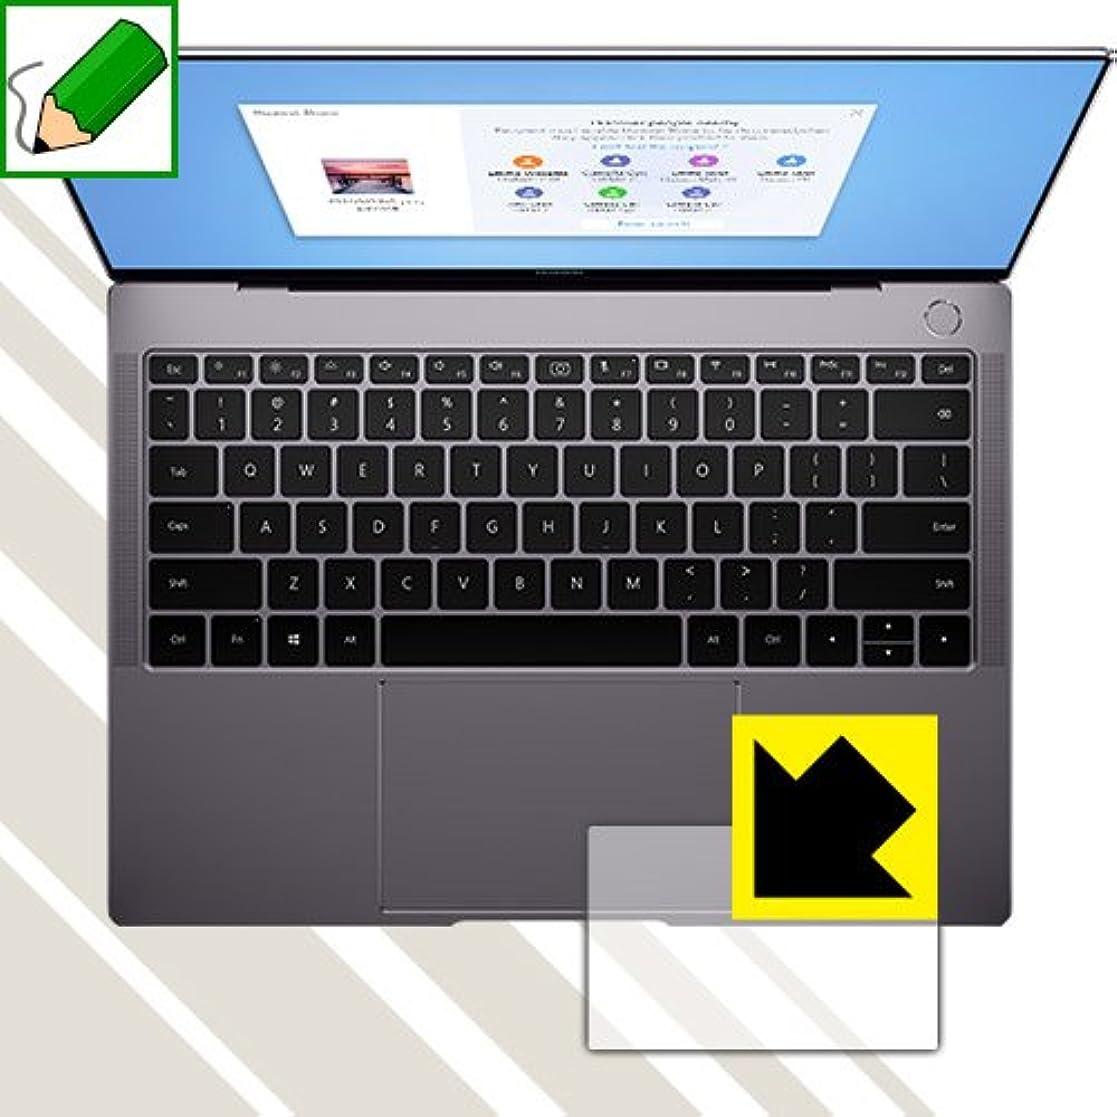 ホラー途方もない機密特殊処理で紙のような質感を実現 ペーパーライク保護フィルム HUAWEI MateBook X Pro (タッチパッド用) 日本製